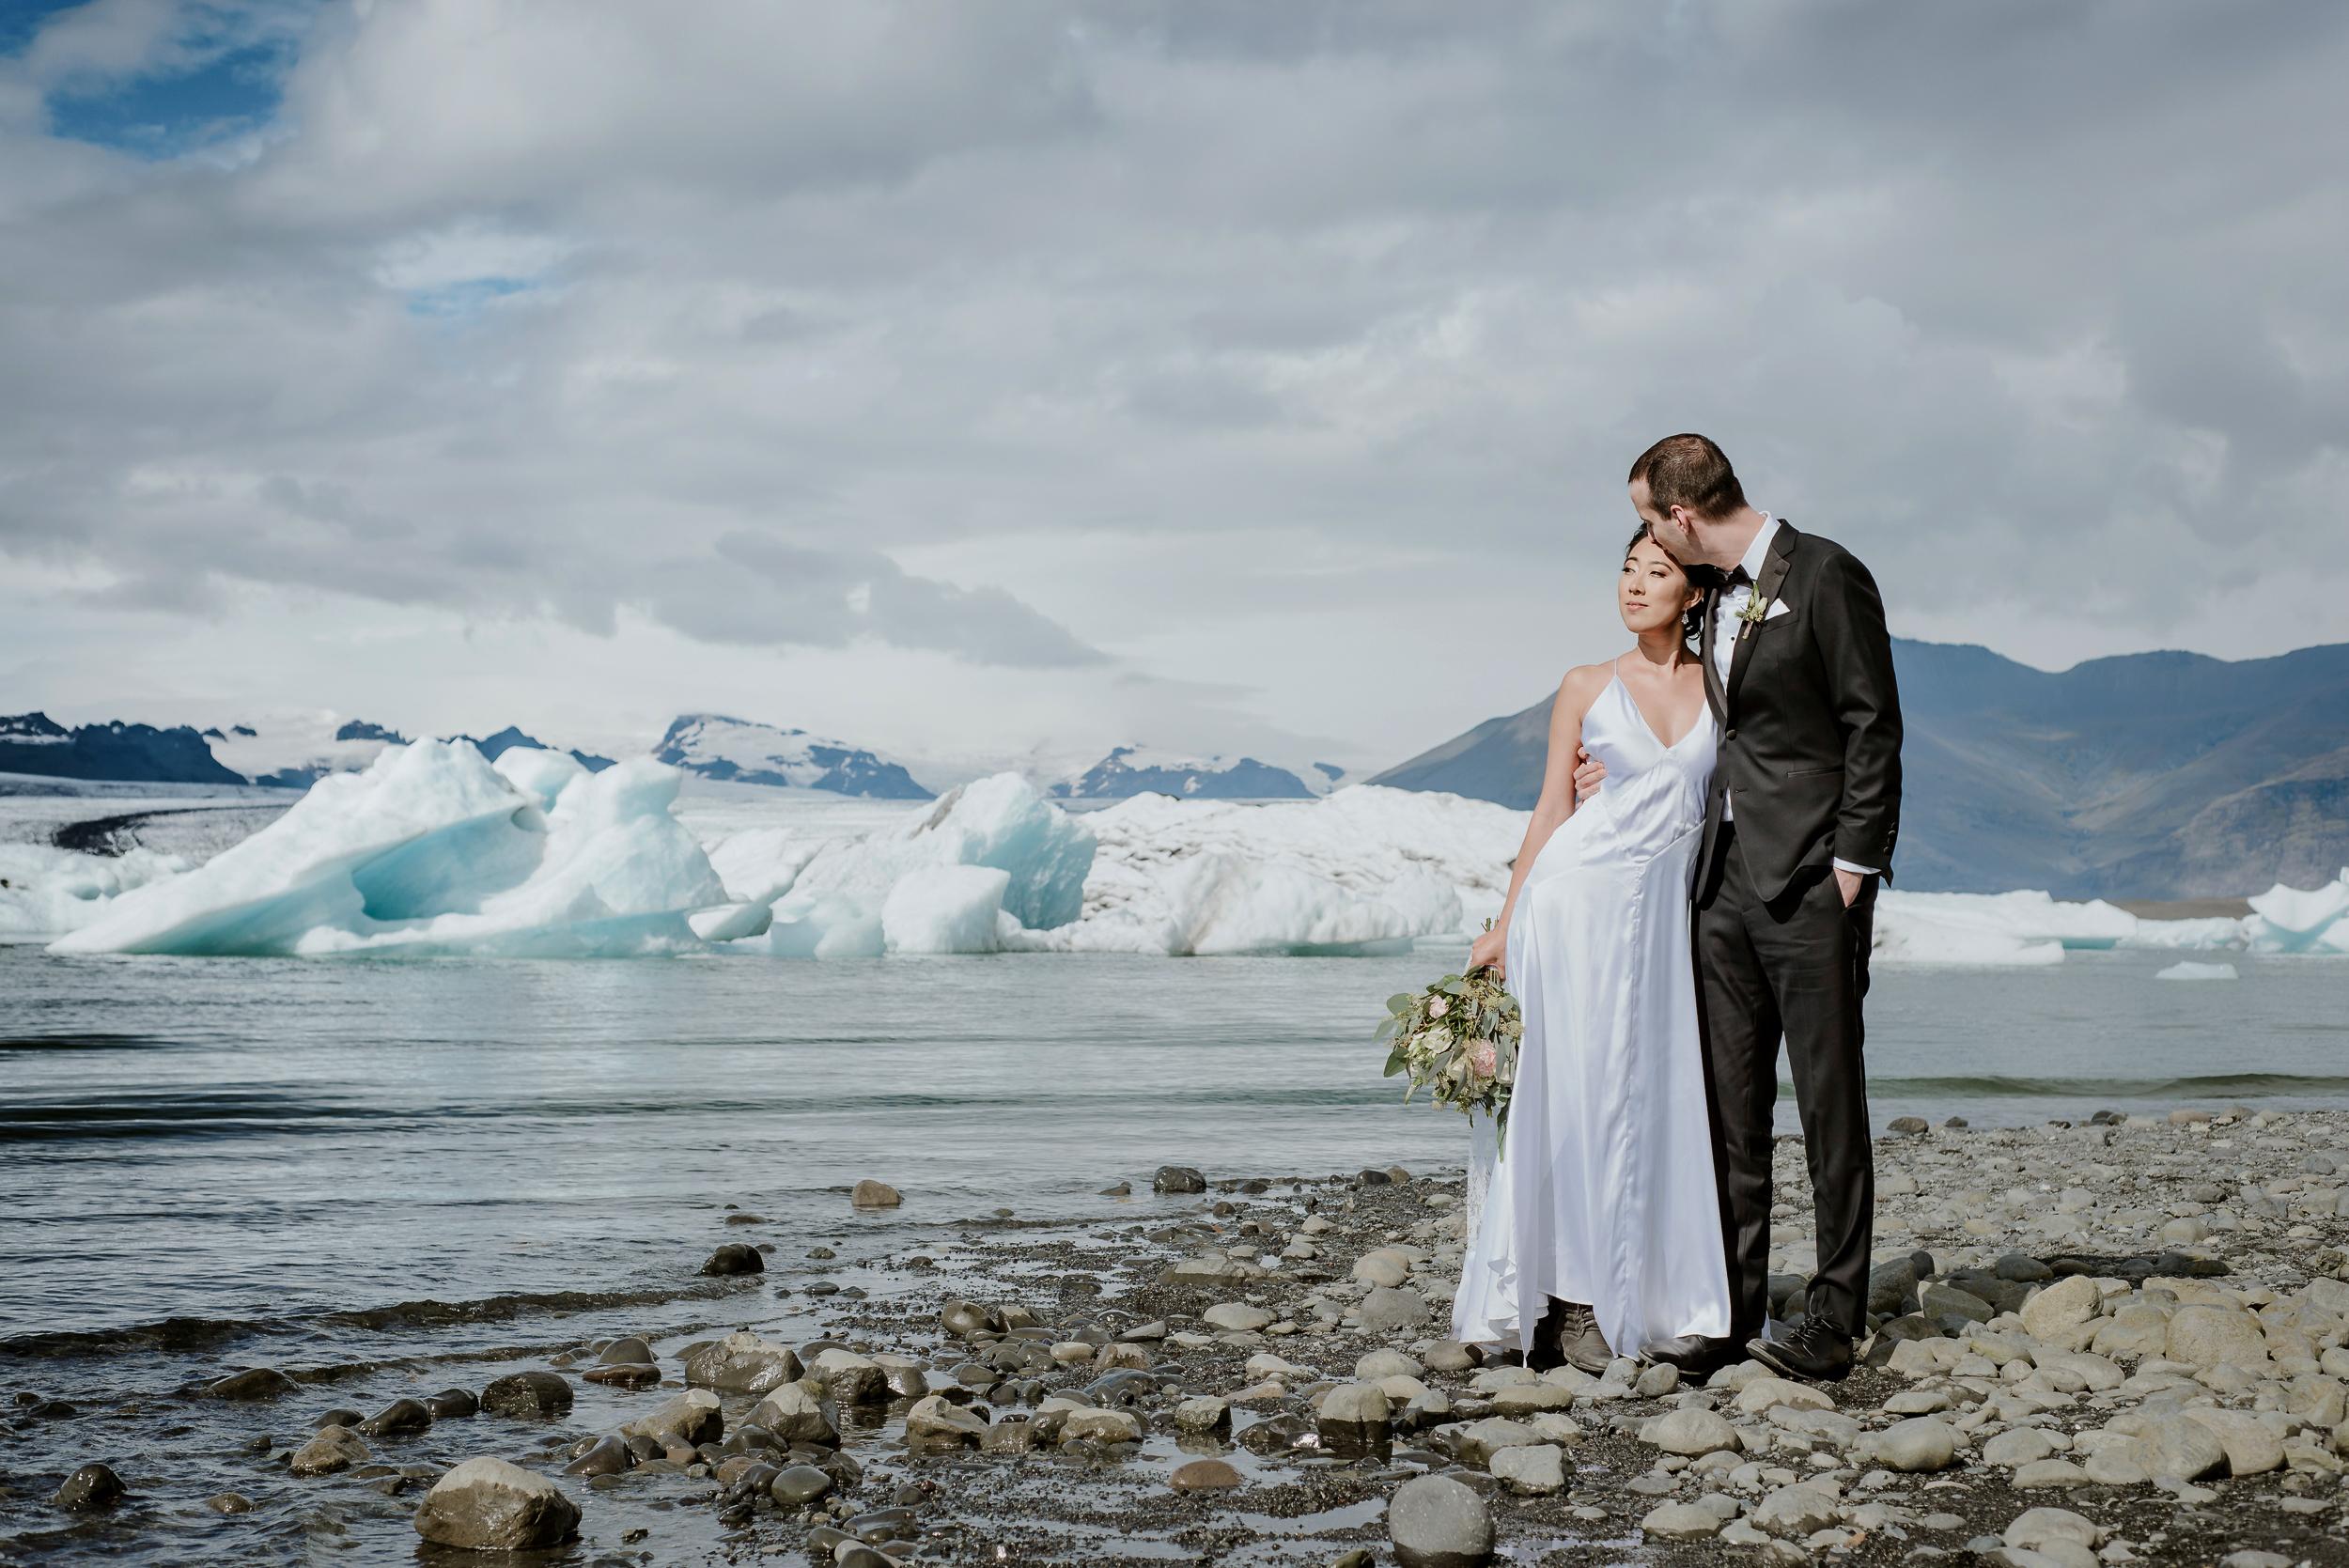 destination-wedding-iceland-engagement-session-vivianchen-070.jpg